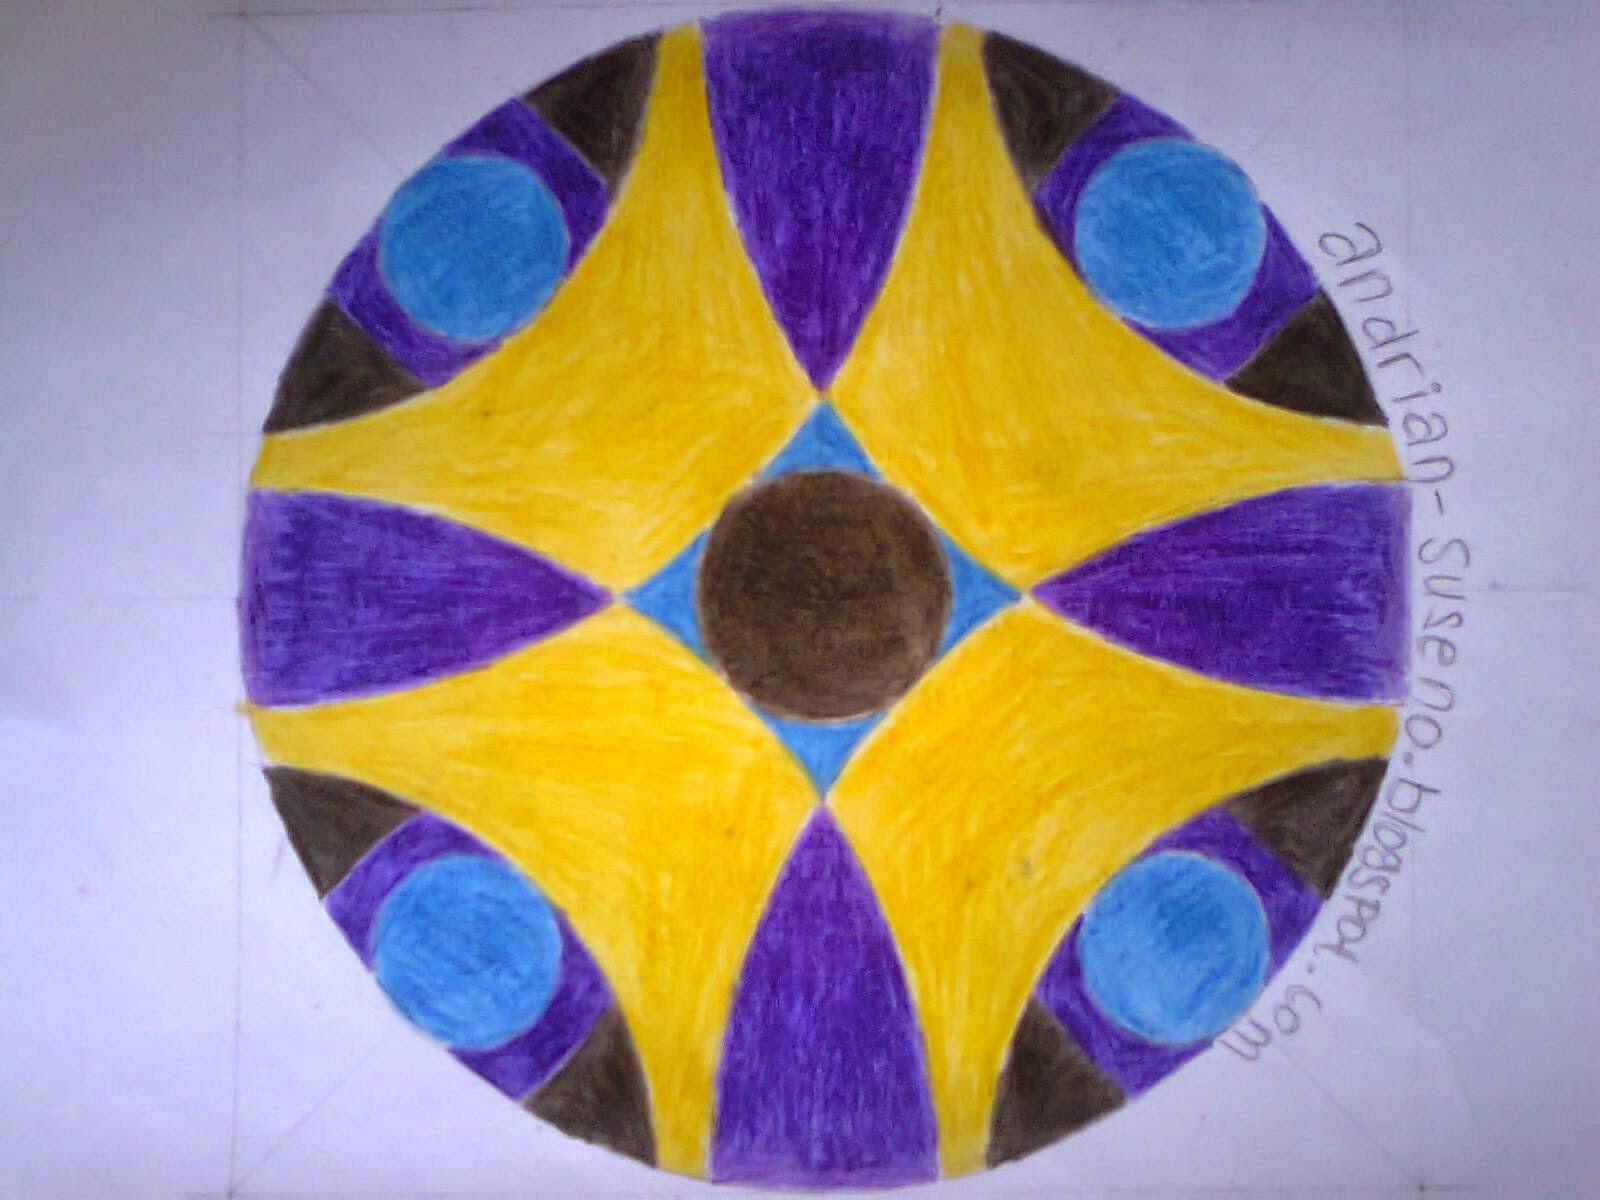 Gambar Ornamen Geometris Lingkaran dan Garis Campuran